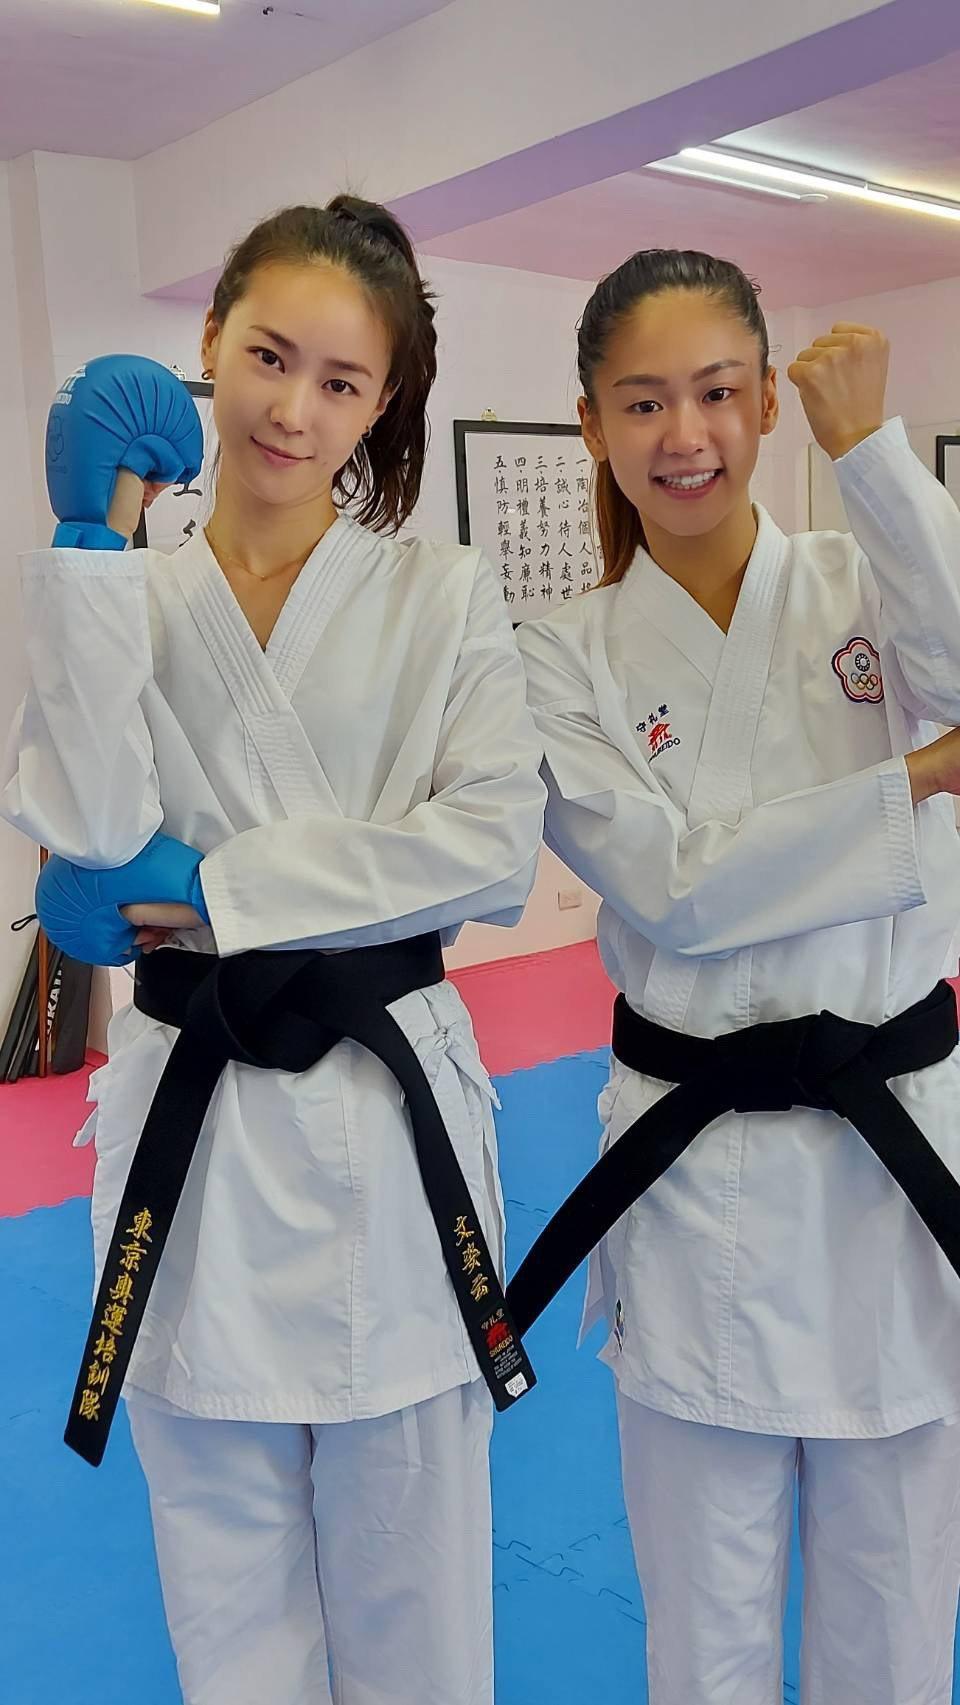 鍾瑶(左)跟文姿云PK空手道。圖/廖麗雯提供